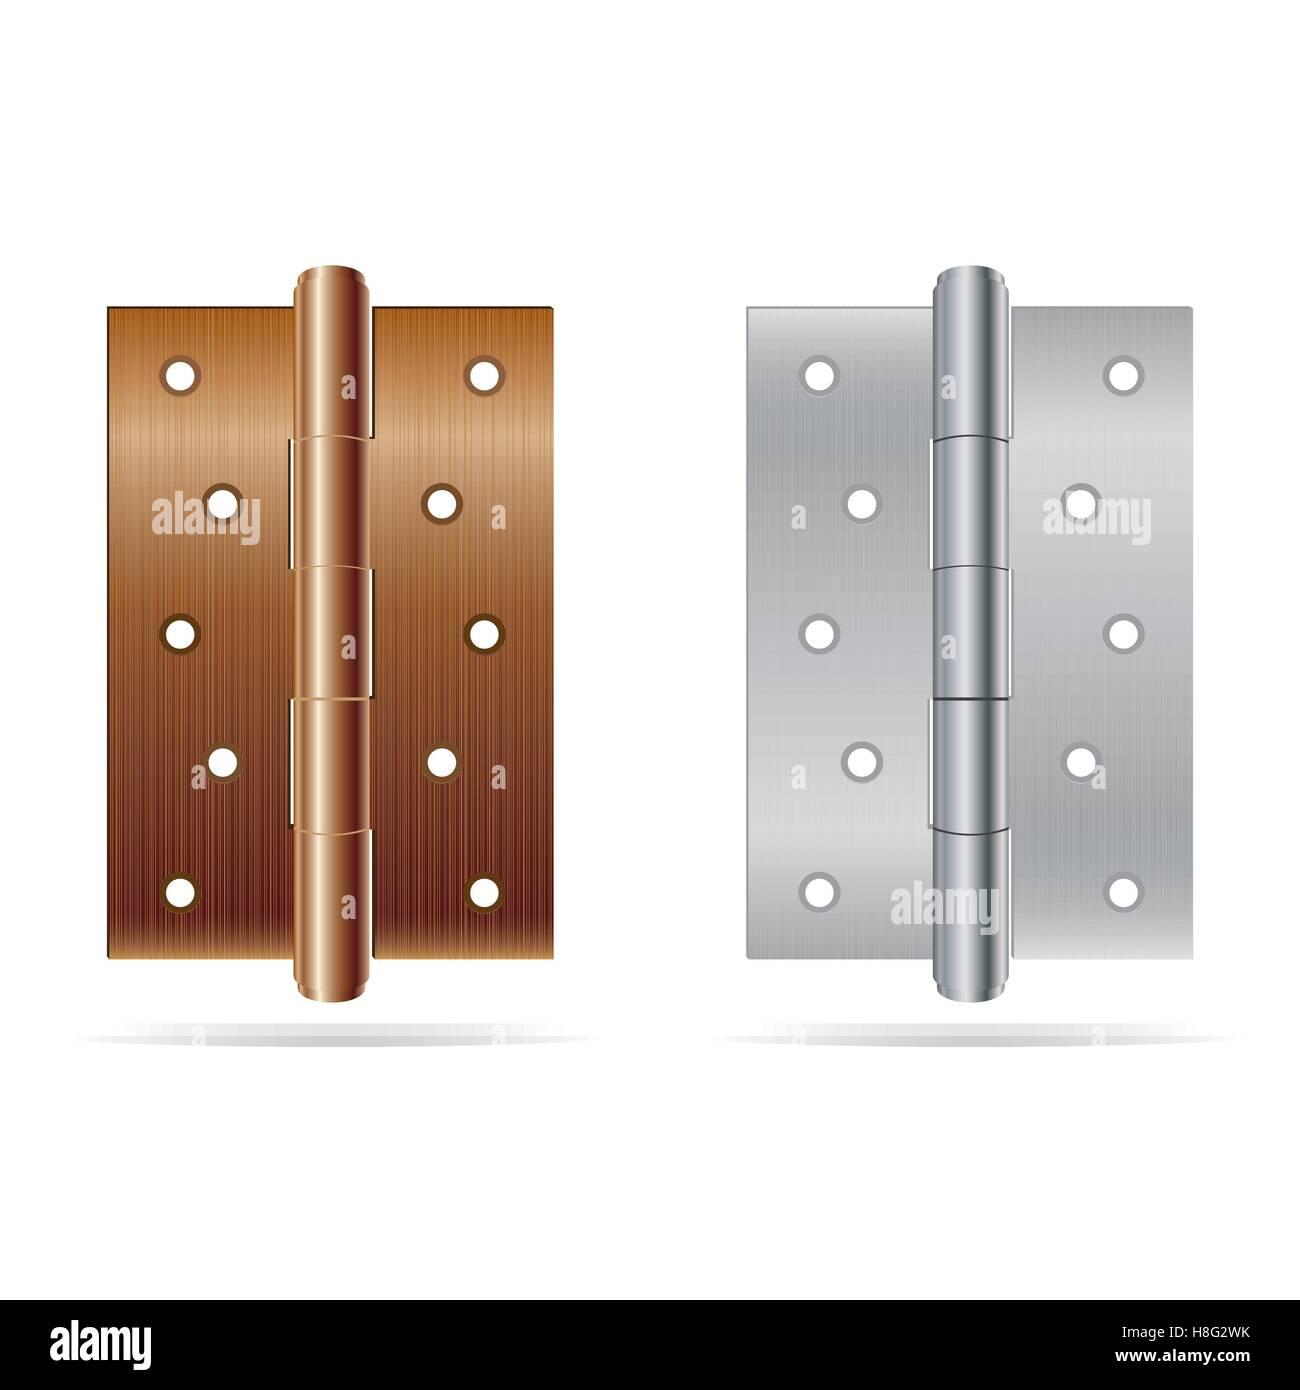 hinge, door, vector, construction, metal, isolated, steel, hardware ...